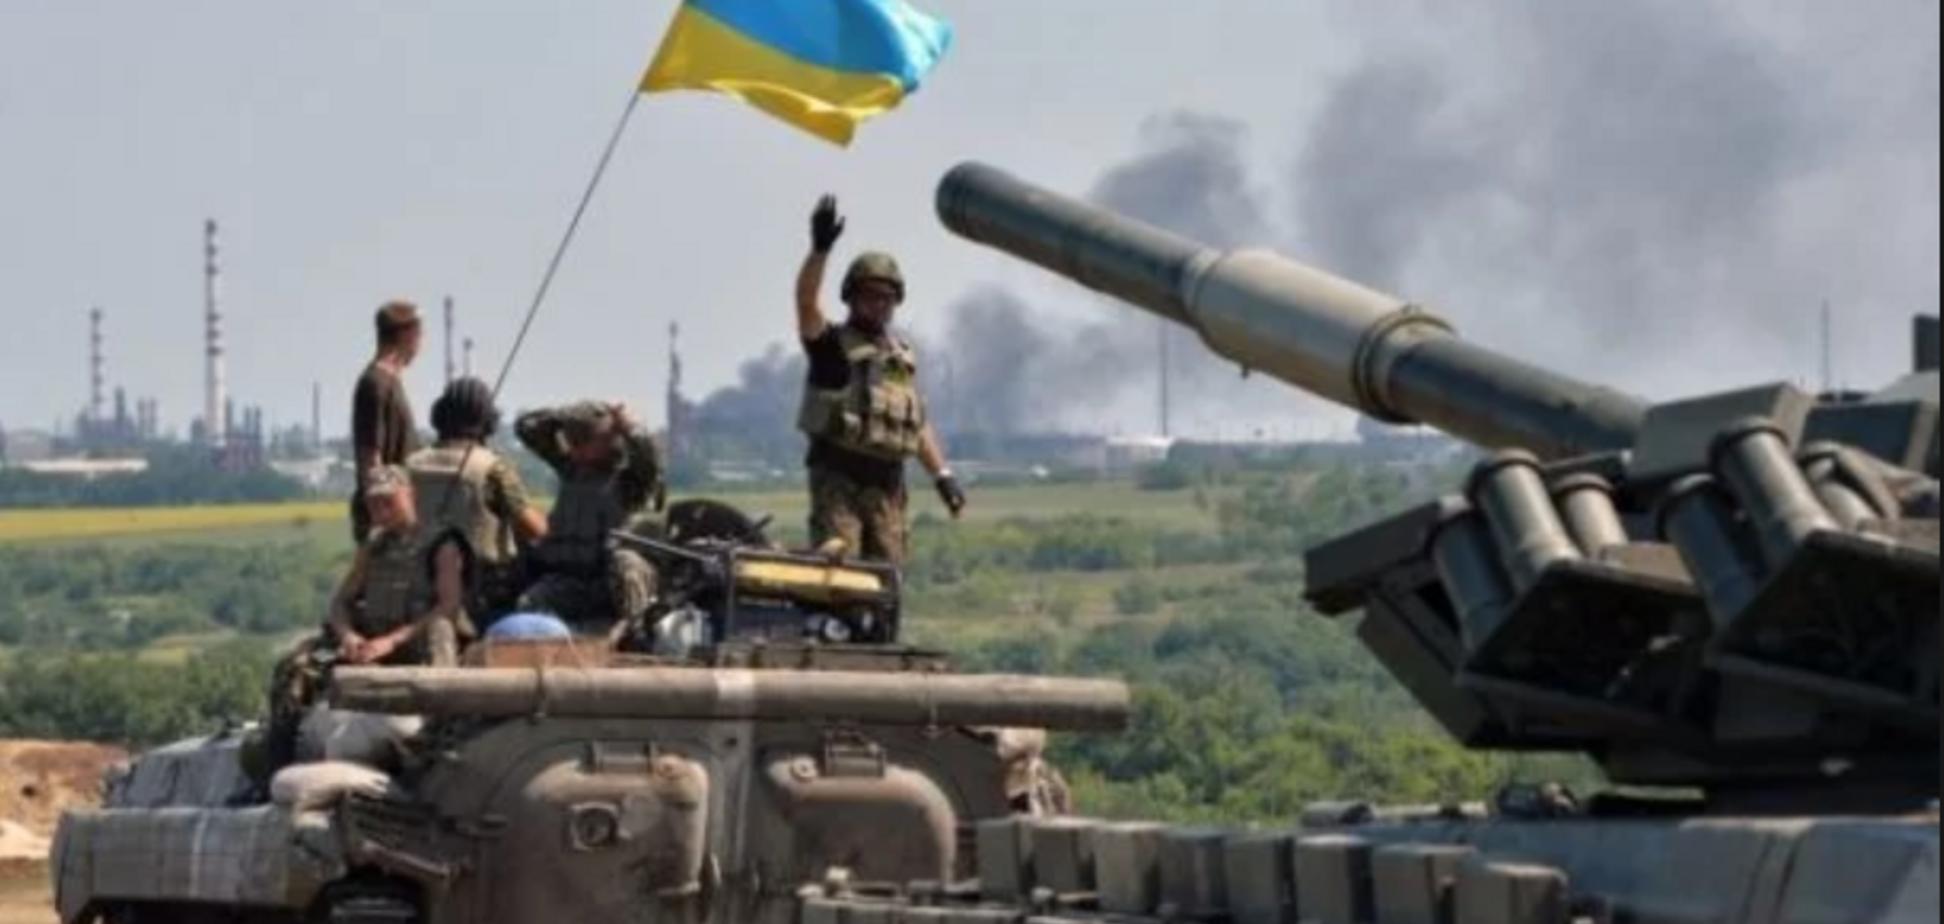 'Урожайный день': российские оккупанты понесли большие потери на Донбассе